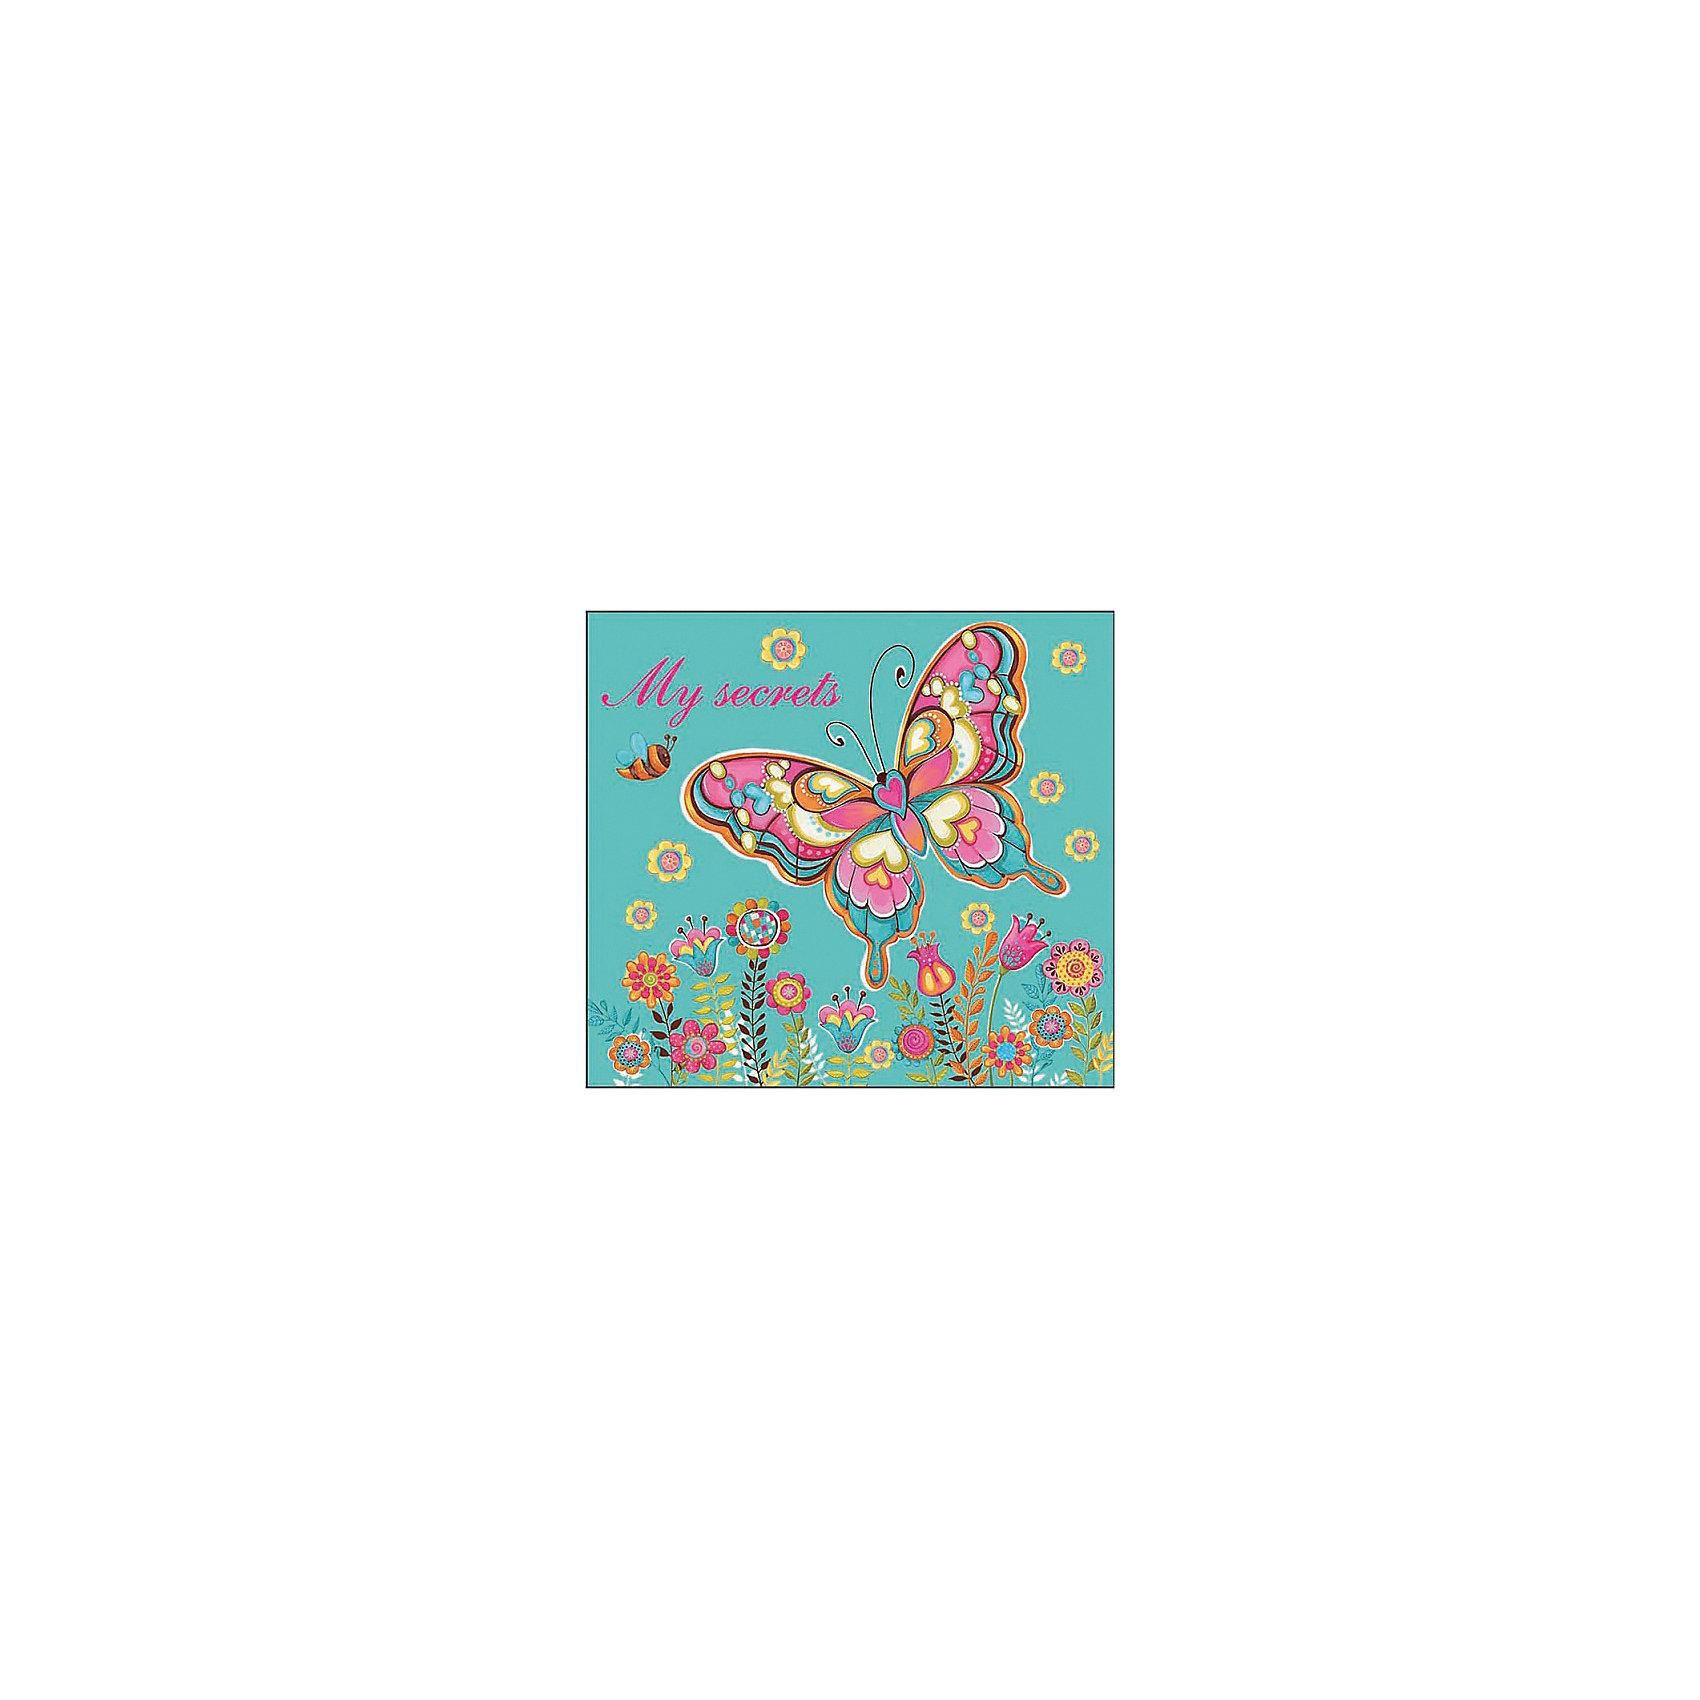 Органайзер трехблочный Бабочка и цветы  Феникс+Бумажная продукция<br>Органайзер трехблочный детский БАБОЧКА И ЦВЕТЫ (95х85мм, магнит. замок, обл. 7 БЦ, глянц. пленка, тисн. золот. фольгой,  бум. офсет, одноцв. печать блока. 3 отрывных блока (30 л., 60л., 28л.), Инд. ПЭТ-упак.)<br><br>Ширина мм: 90<br>Глубина мм: 90<br>Высота мм: 25<br>Вес г: 125<br>Возраст от месяцев: 72<br>Возраст до месяцев: 2147483647<br>Пол: Унисекс<br>Возраст: Детский<br>SKU: 7046266